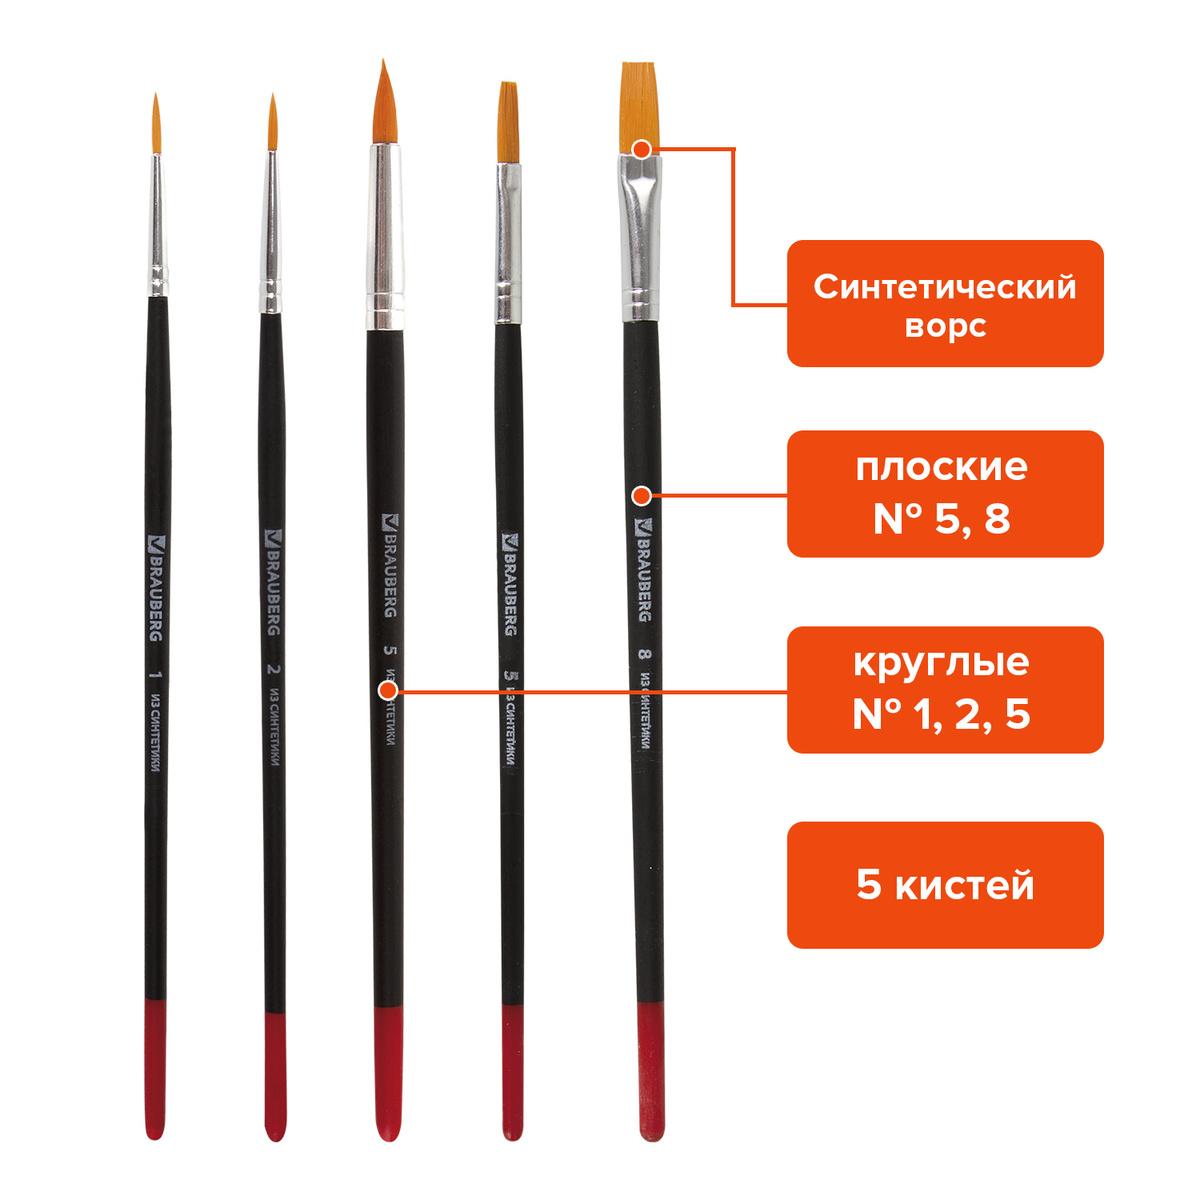 Кисти/кисточки для рисования Brauberg, набор из 5 шт., (синтетическая круглая № 1,2,5, плоская № 5,8) #1